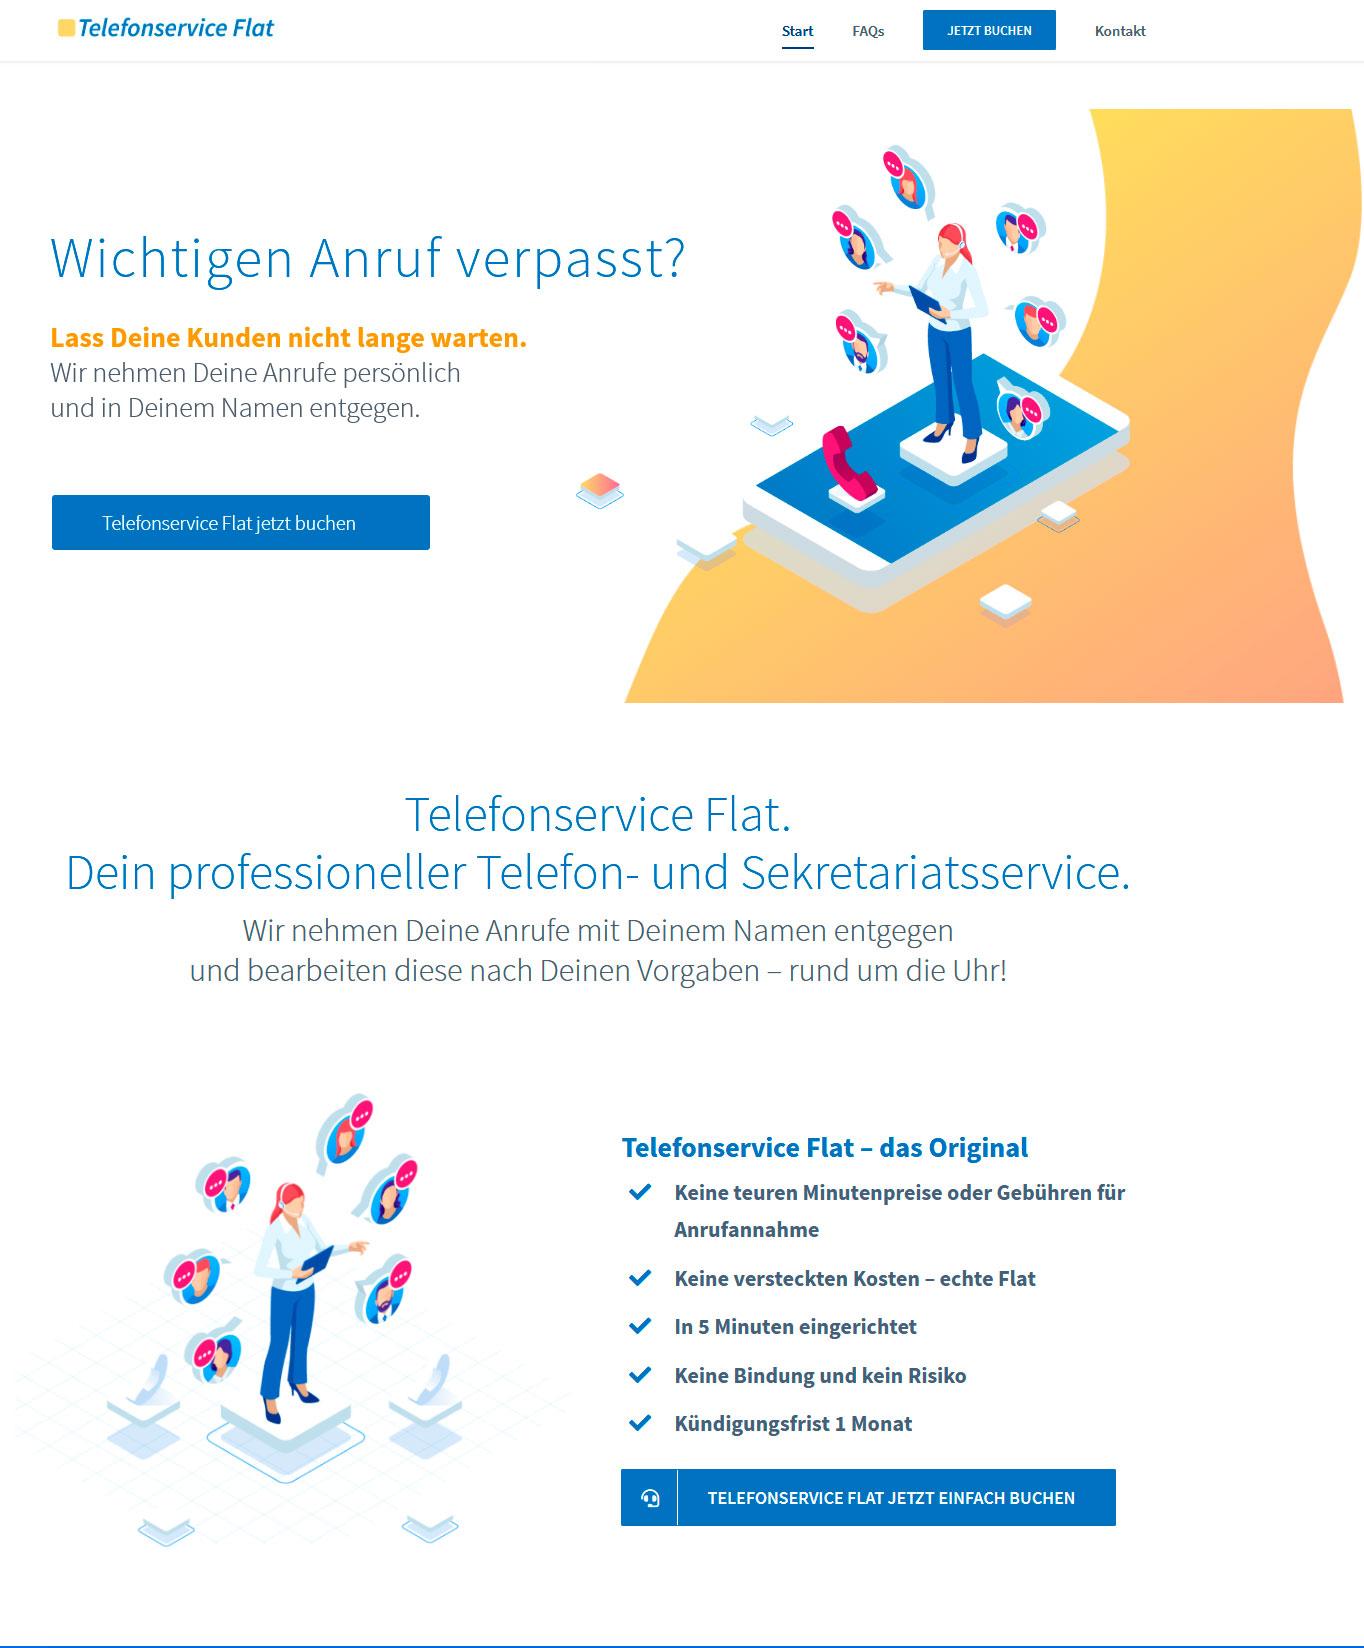 Telefonservice-Flat-Startseite